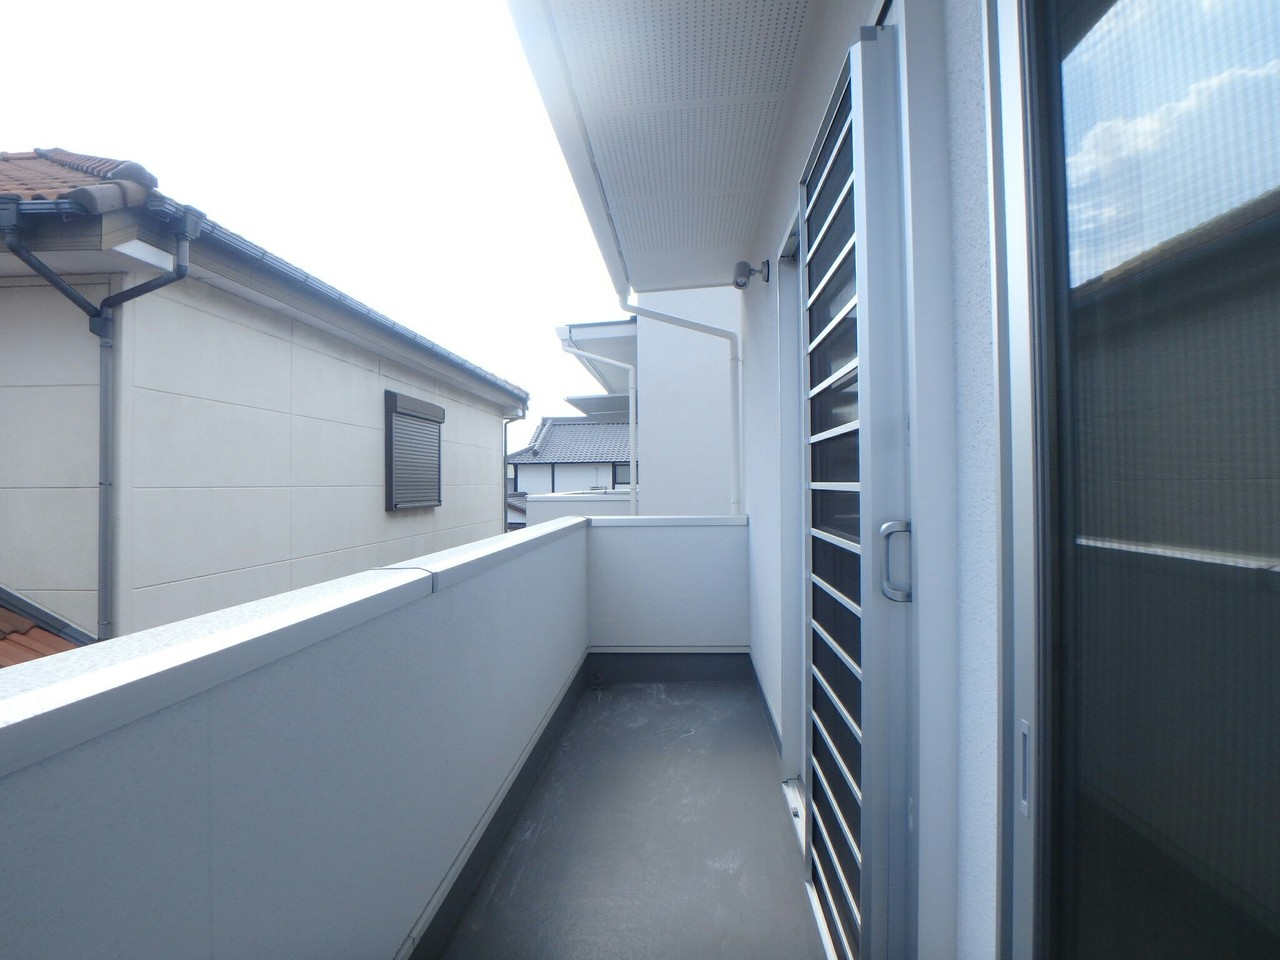 2階廊下と洋室がバルコニーで繋がっていてとっても広々としています。 ご家族の洗濯物も快適に干せますね♪